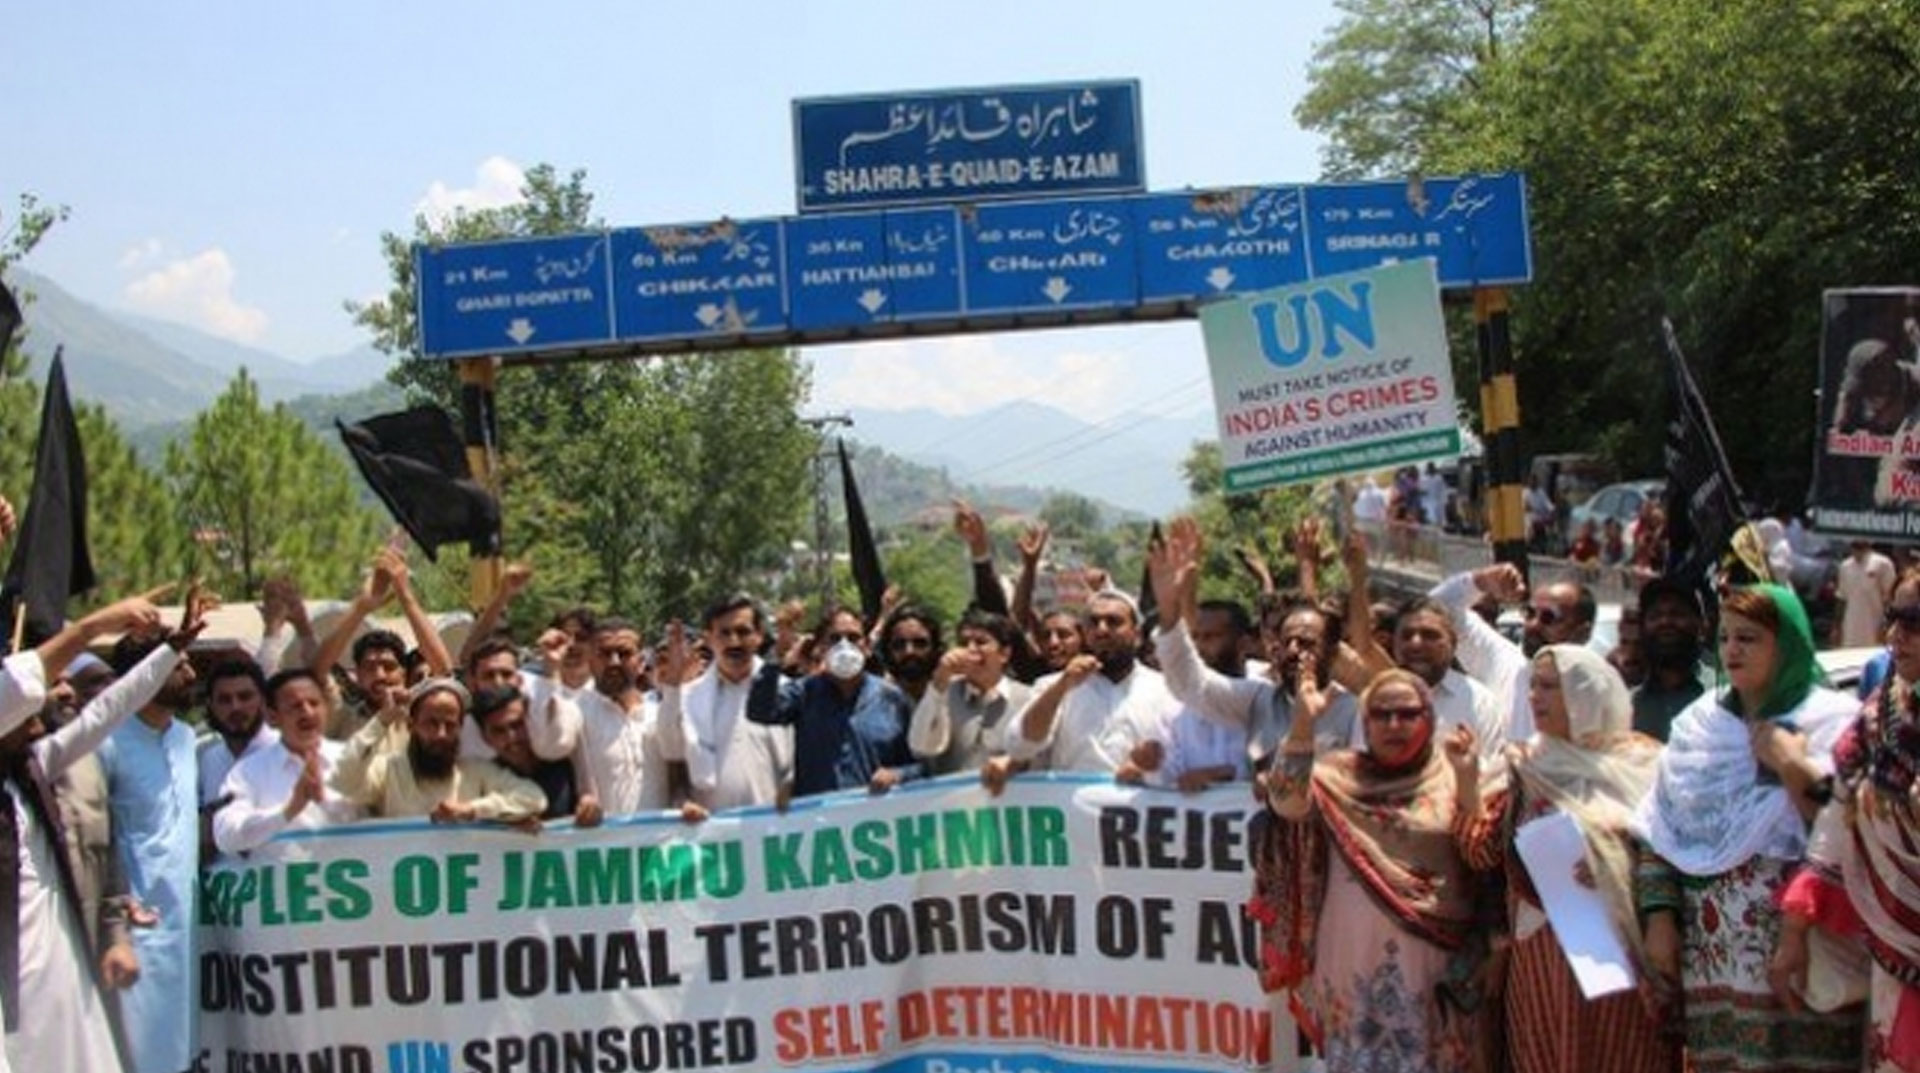 Cammu Keşmir'in özel statüsünün kaldırılması birinci yıldönümünde protesto edildi